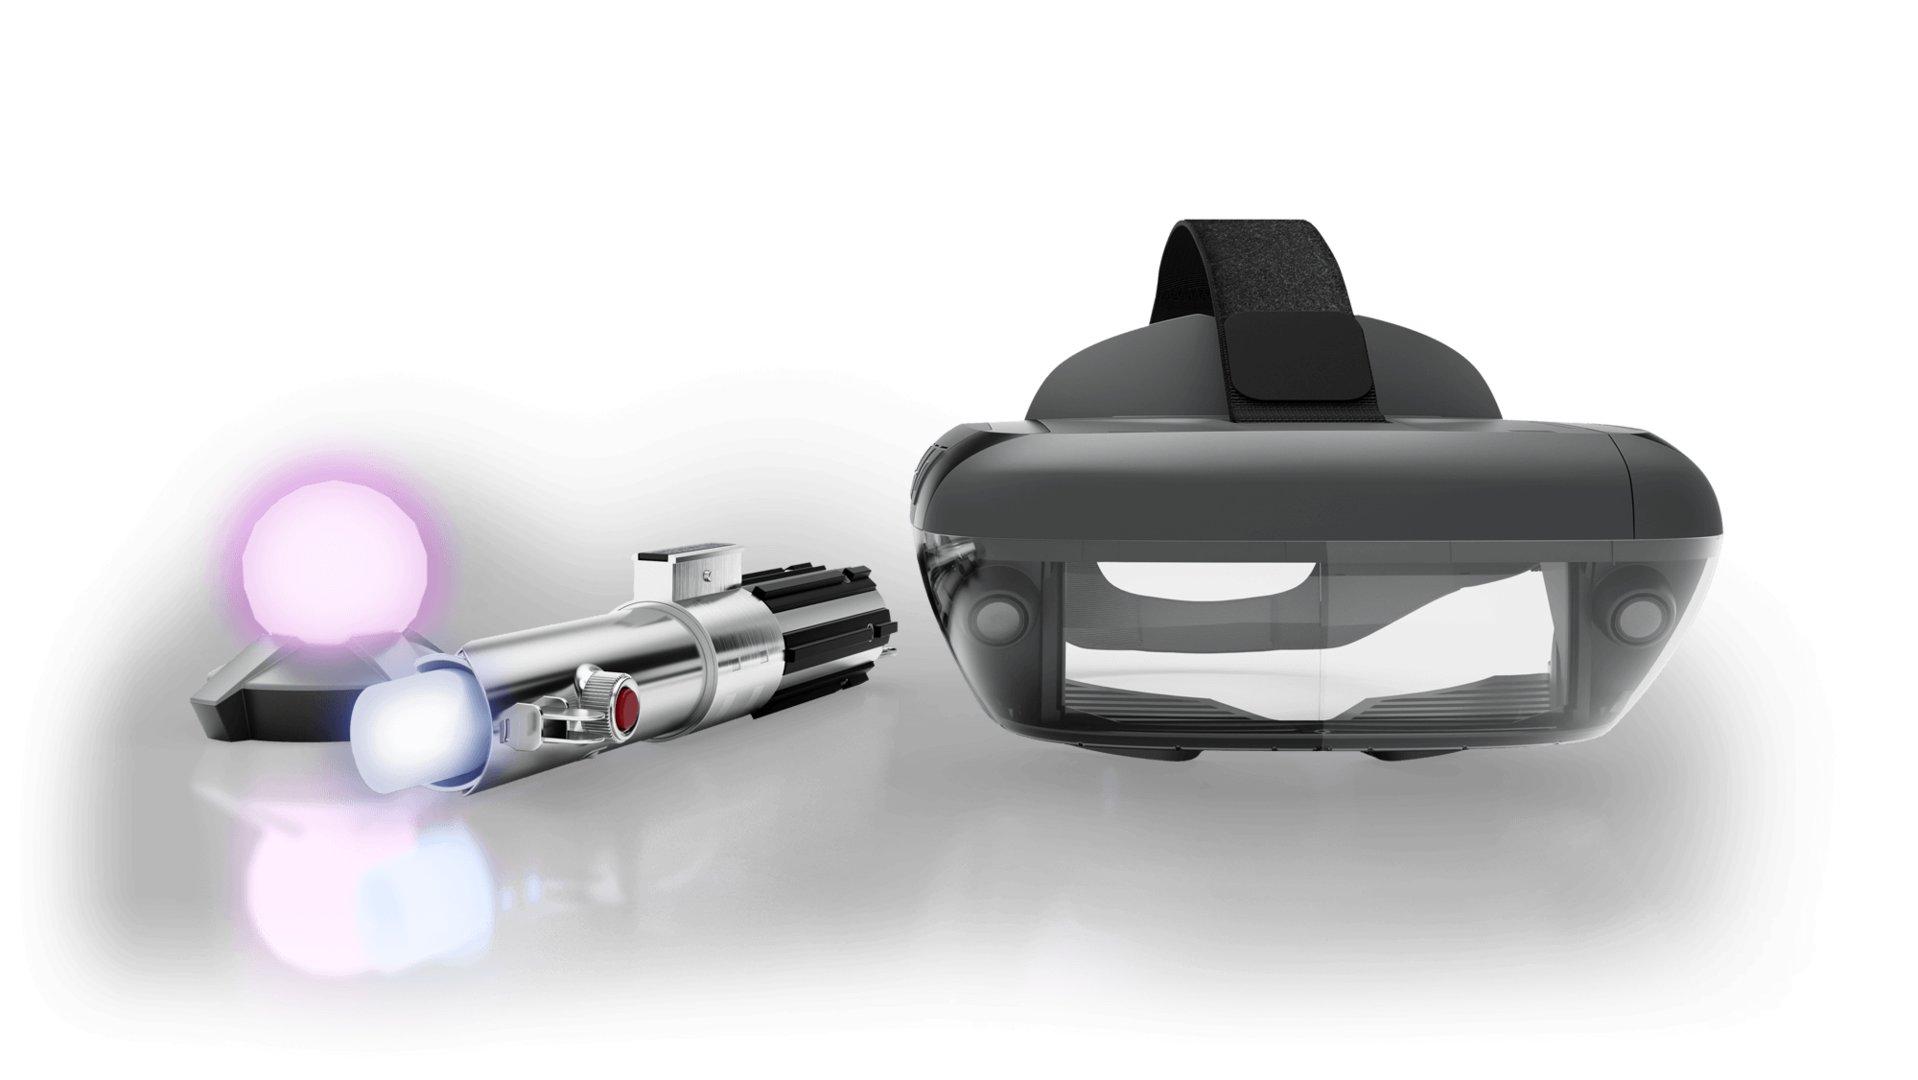 Das komplette Set: AR-Headset, Lichtschwert und Peilsender